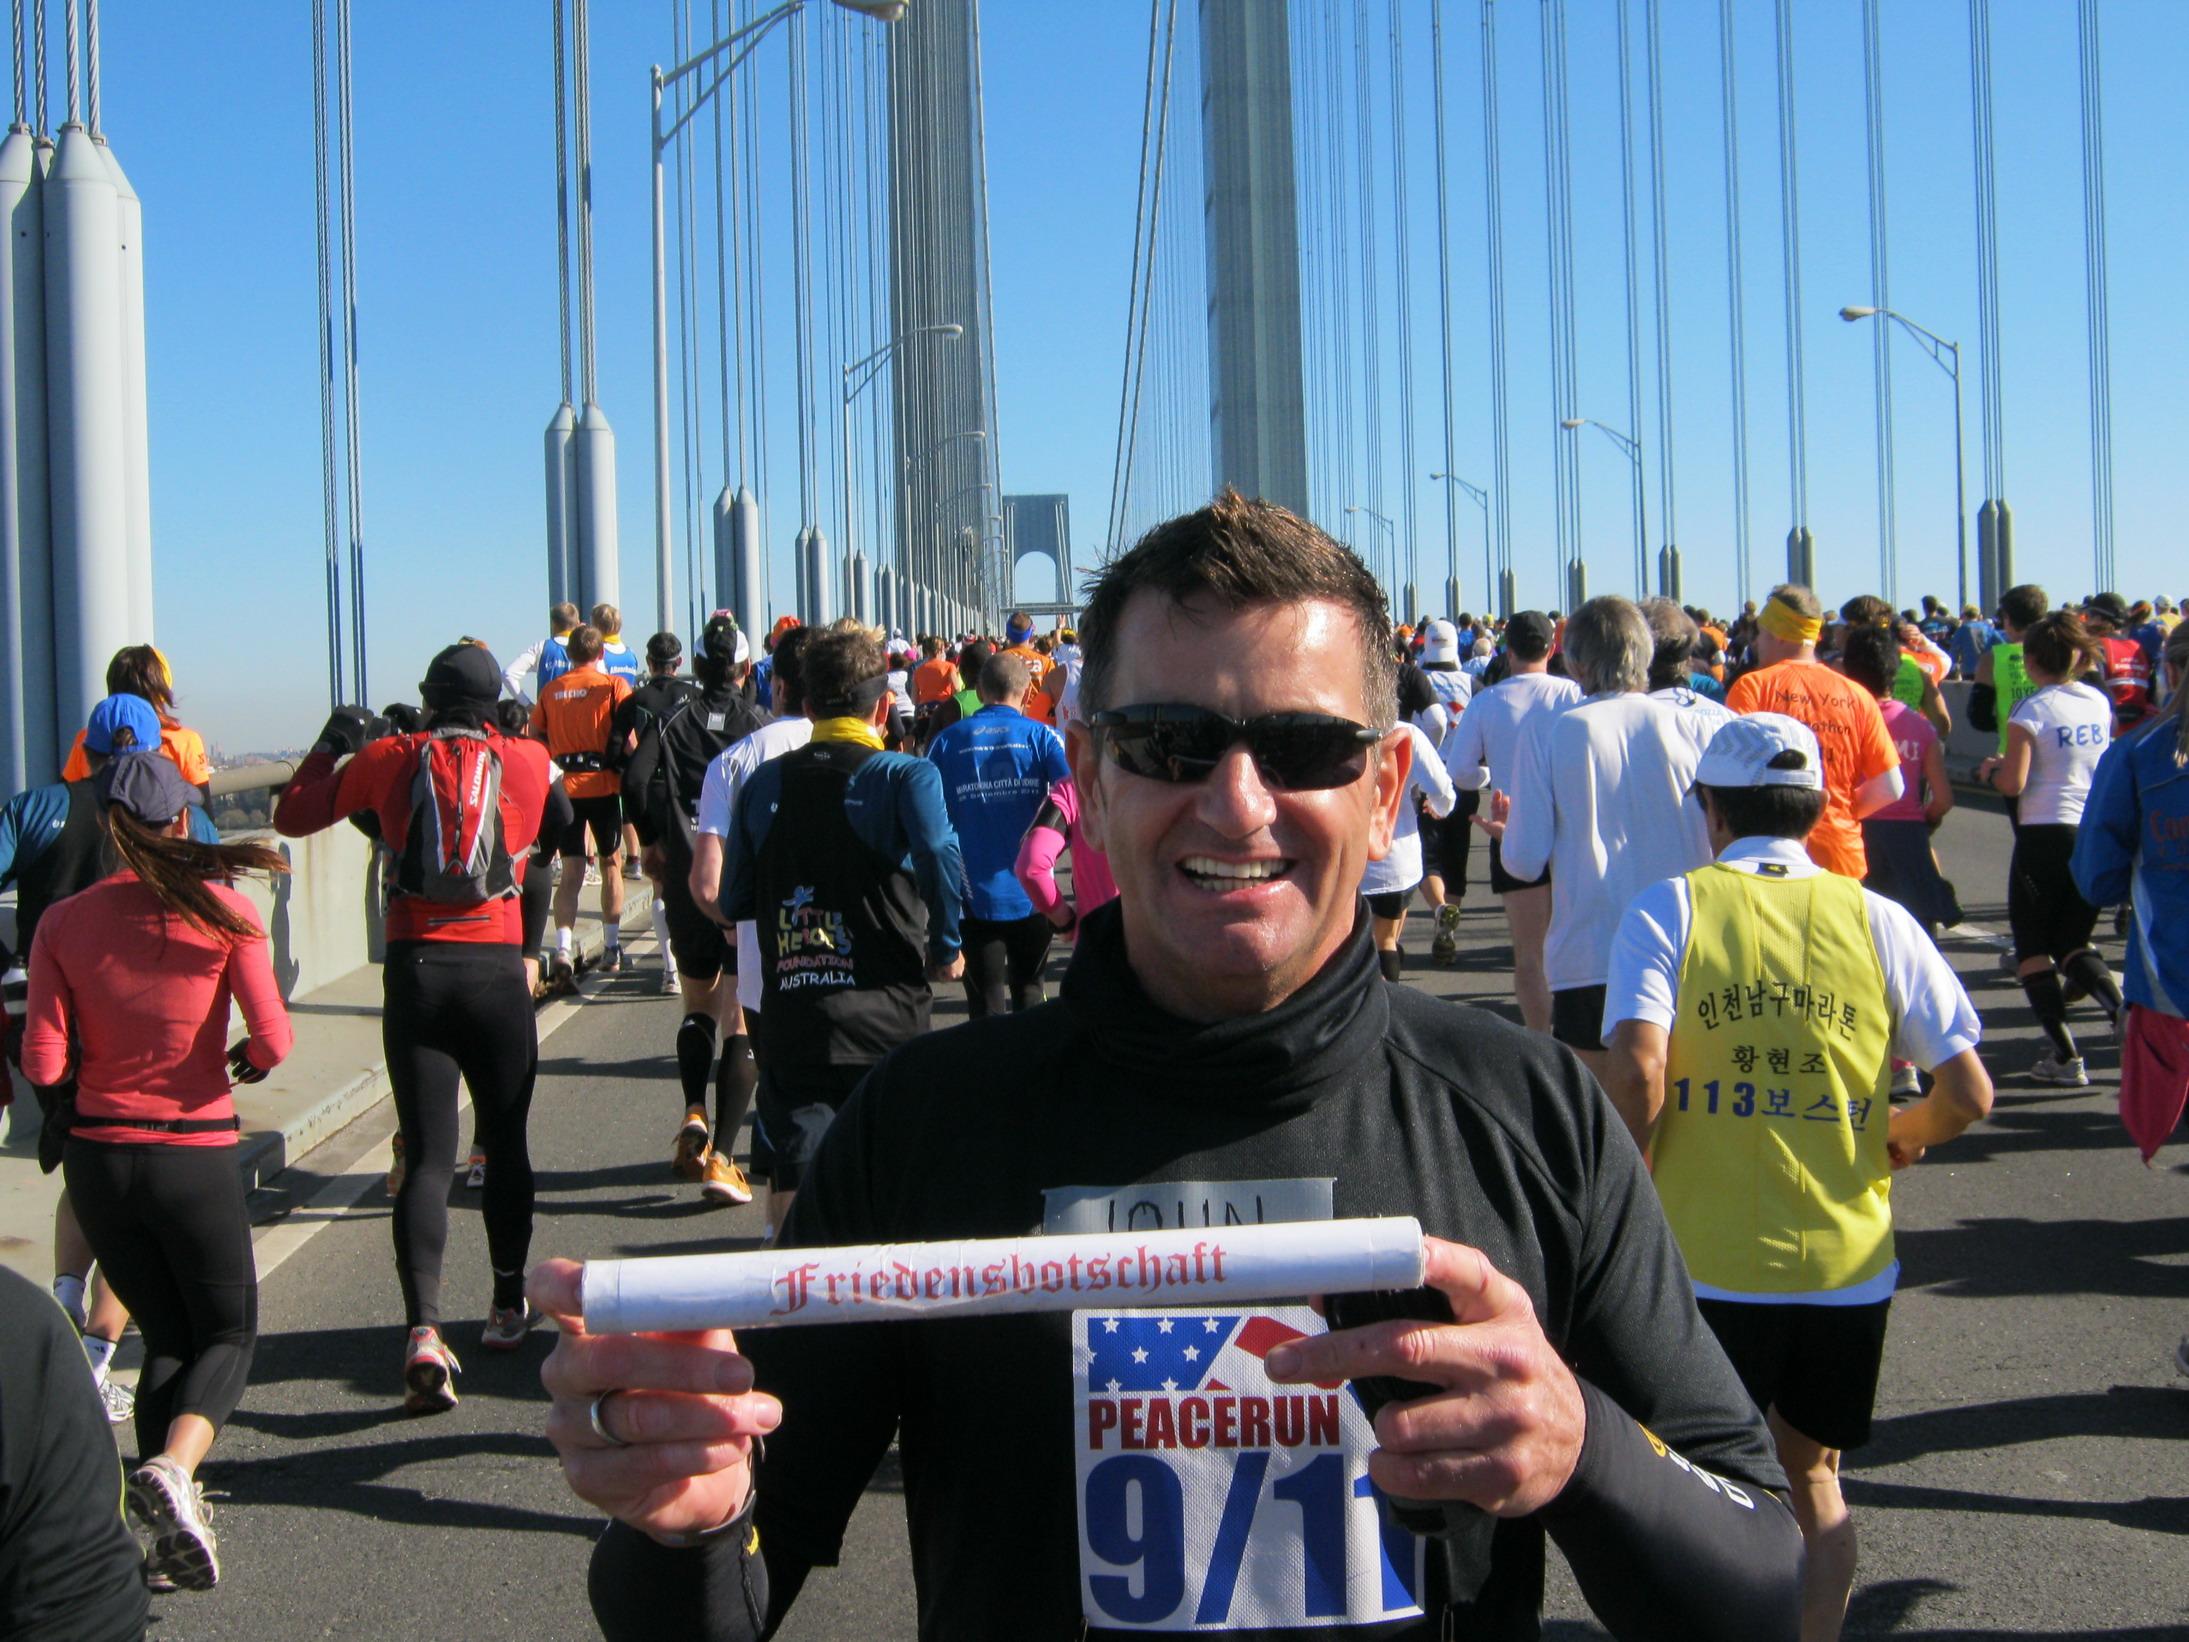 2011-11-06-ny-jmg-mit-friedensbotschaft-marathon_bildgroesse_aendern